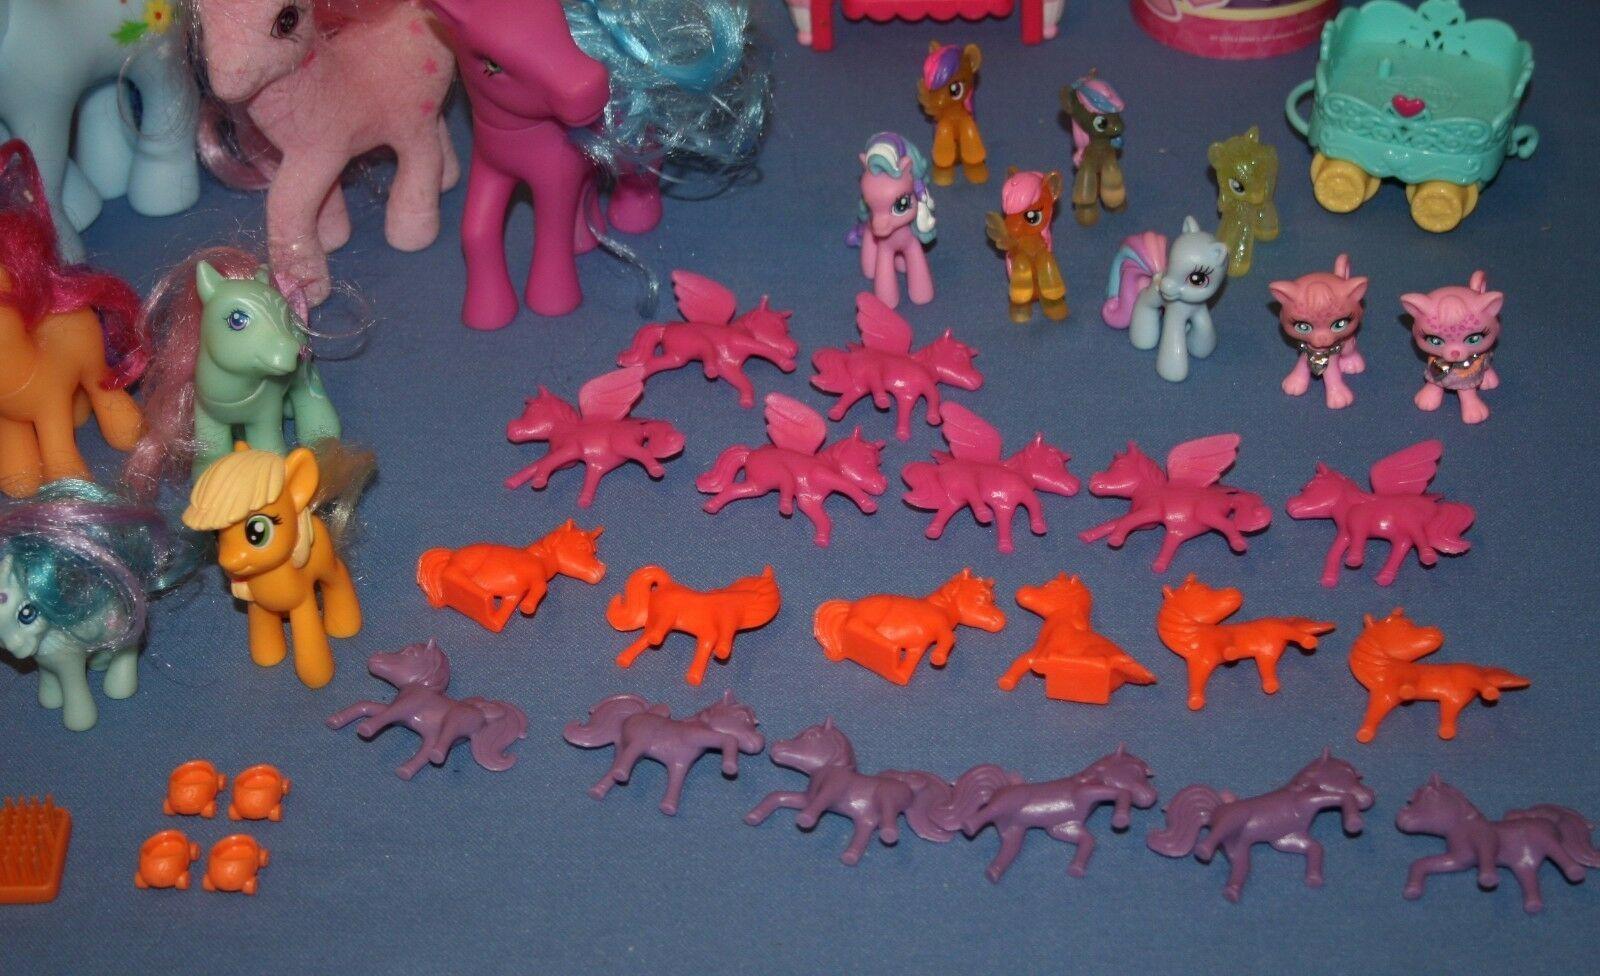 My Little Pony Spielsachen Viele Mlp 51 St. Acc Hasbro Figur Spielzeug Auswahl